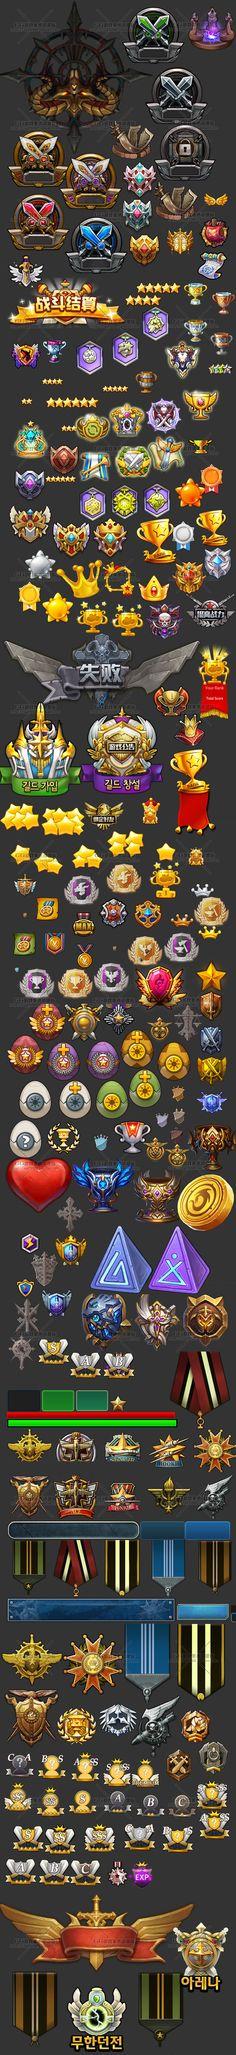 手游游戏UI设计常用素材 徽章 皇冠 等...@诗左采集到UI图标(63图)_花瓣